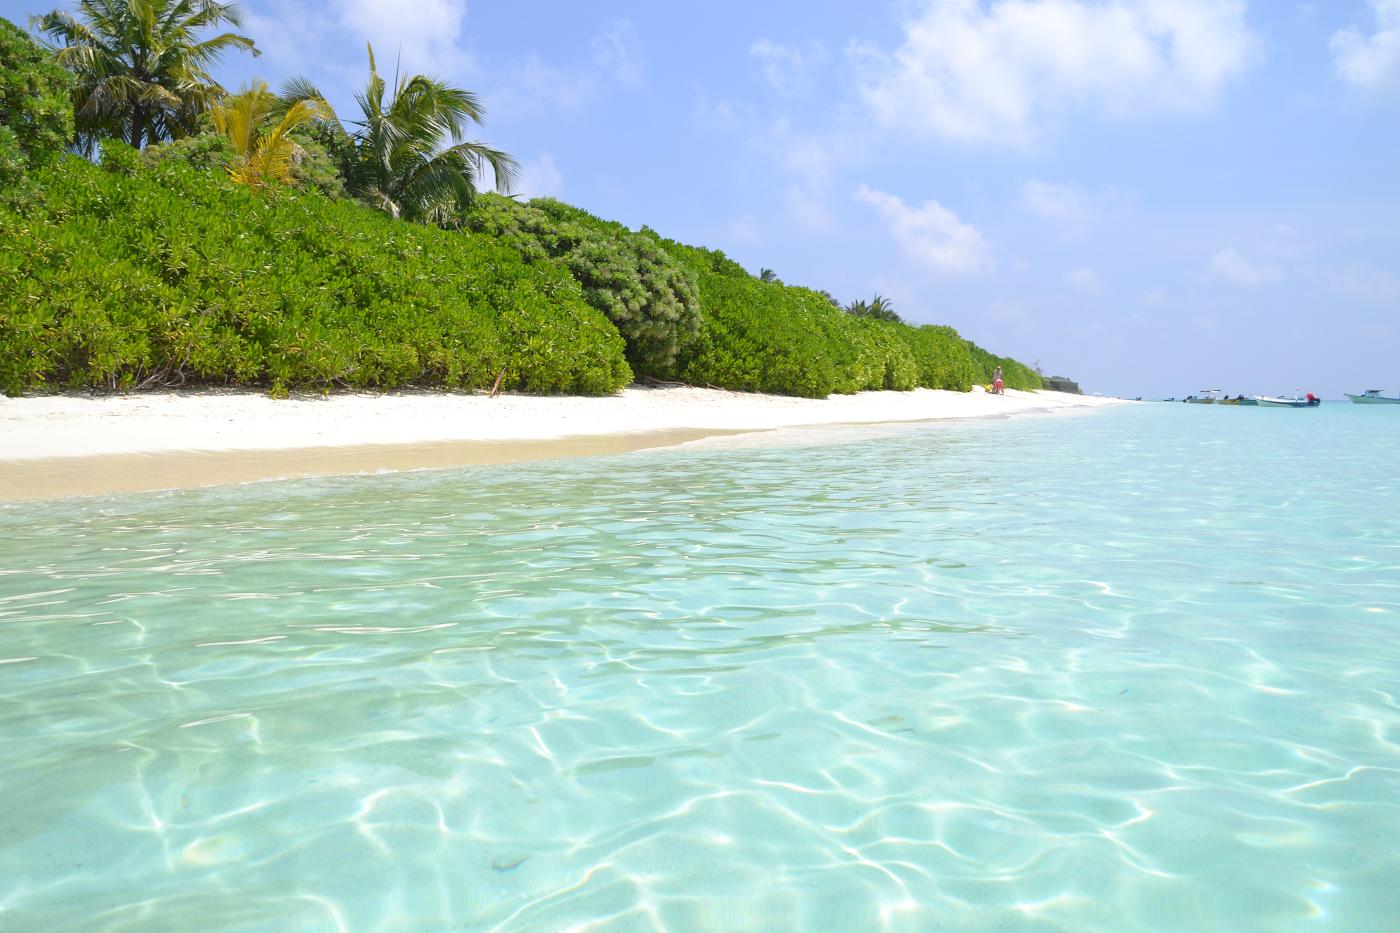 Фото 1. Пляж на острове Тодду (Thoddoo Island). В это райское место можно попасть, сделав пересадку в Астане и в Дели. Отчеты туристов о самостоятельном путешествии на Мальдивы. Настройки: В=1/400, f/10.0, ISO 100, ФР=55 мм.